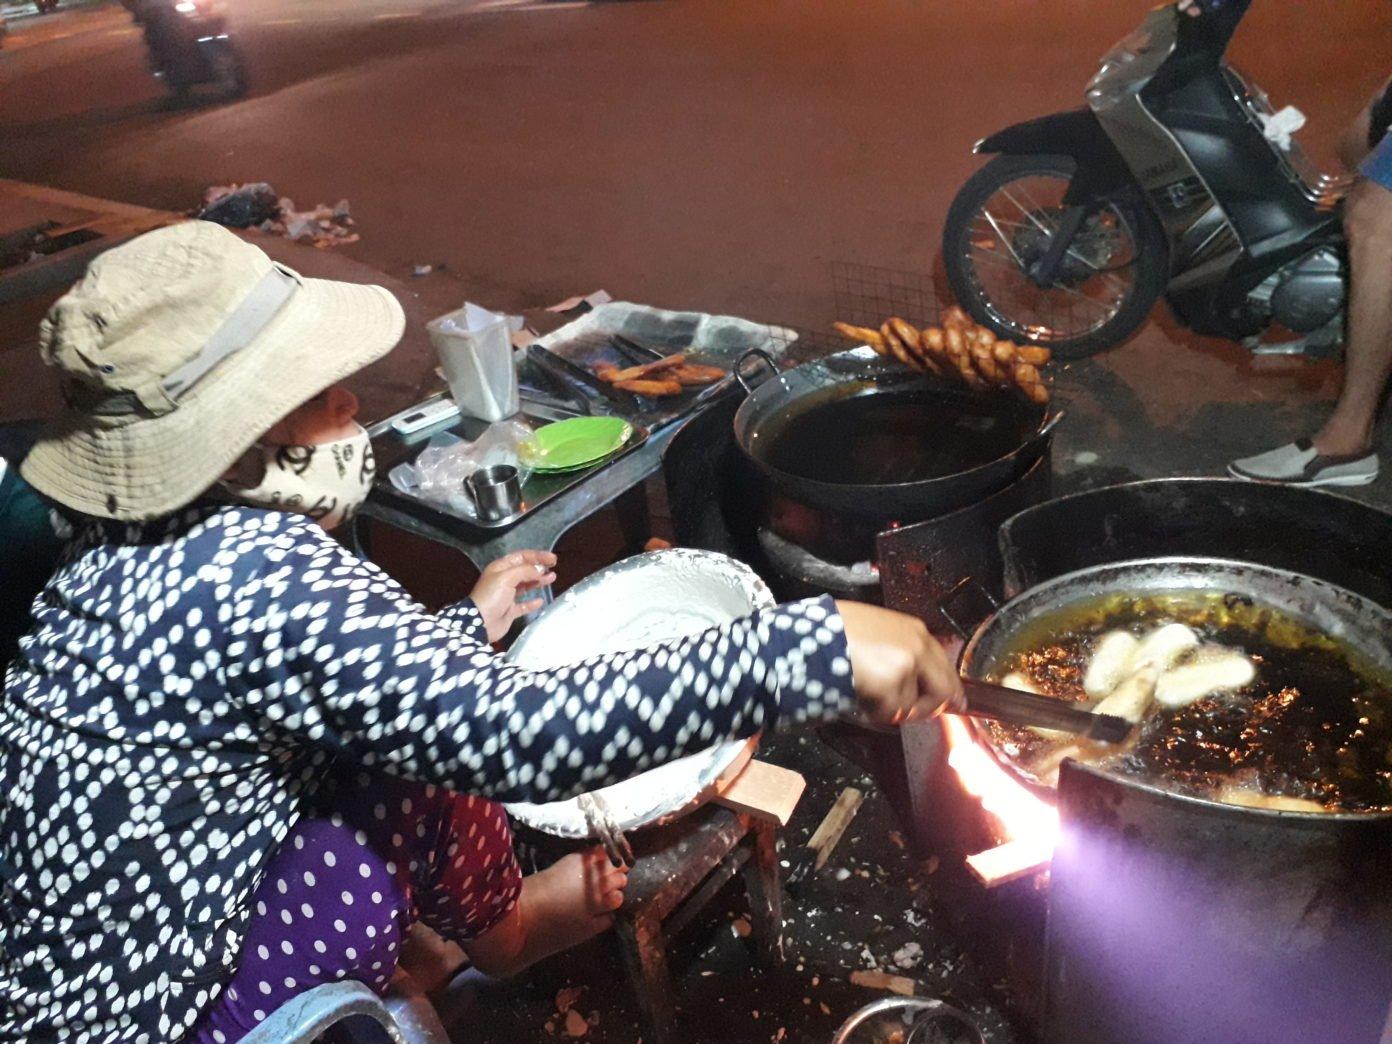 Đặc sản Quy Nhơn - Phát thèm với những món bánh vào ngày mưa ở Quy Nhơn